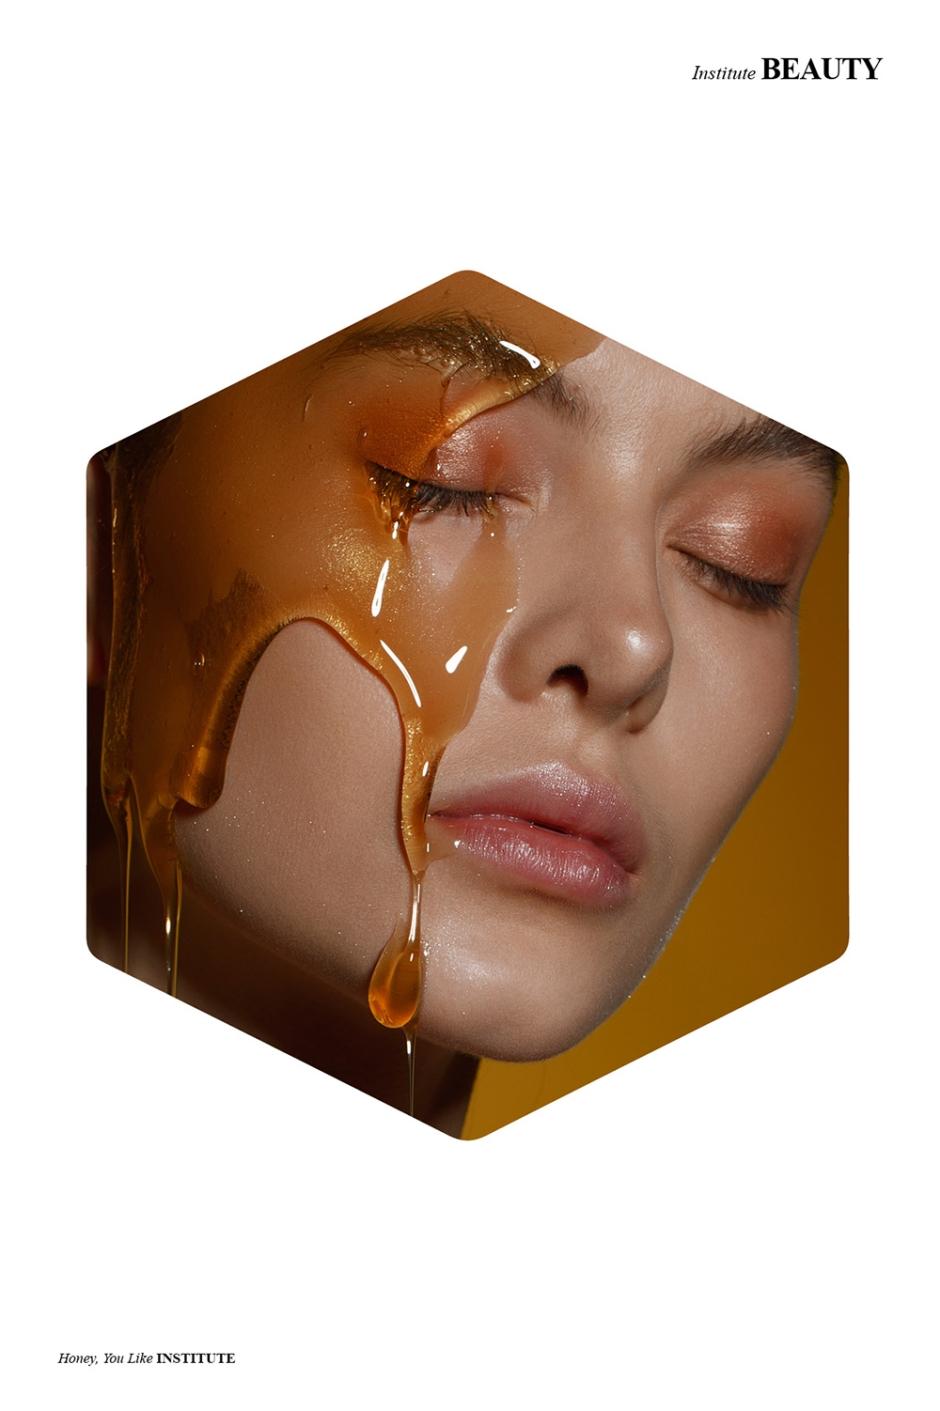 Honey, You Like5